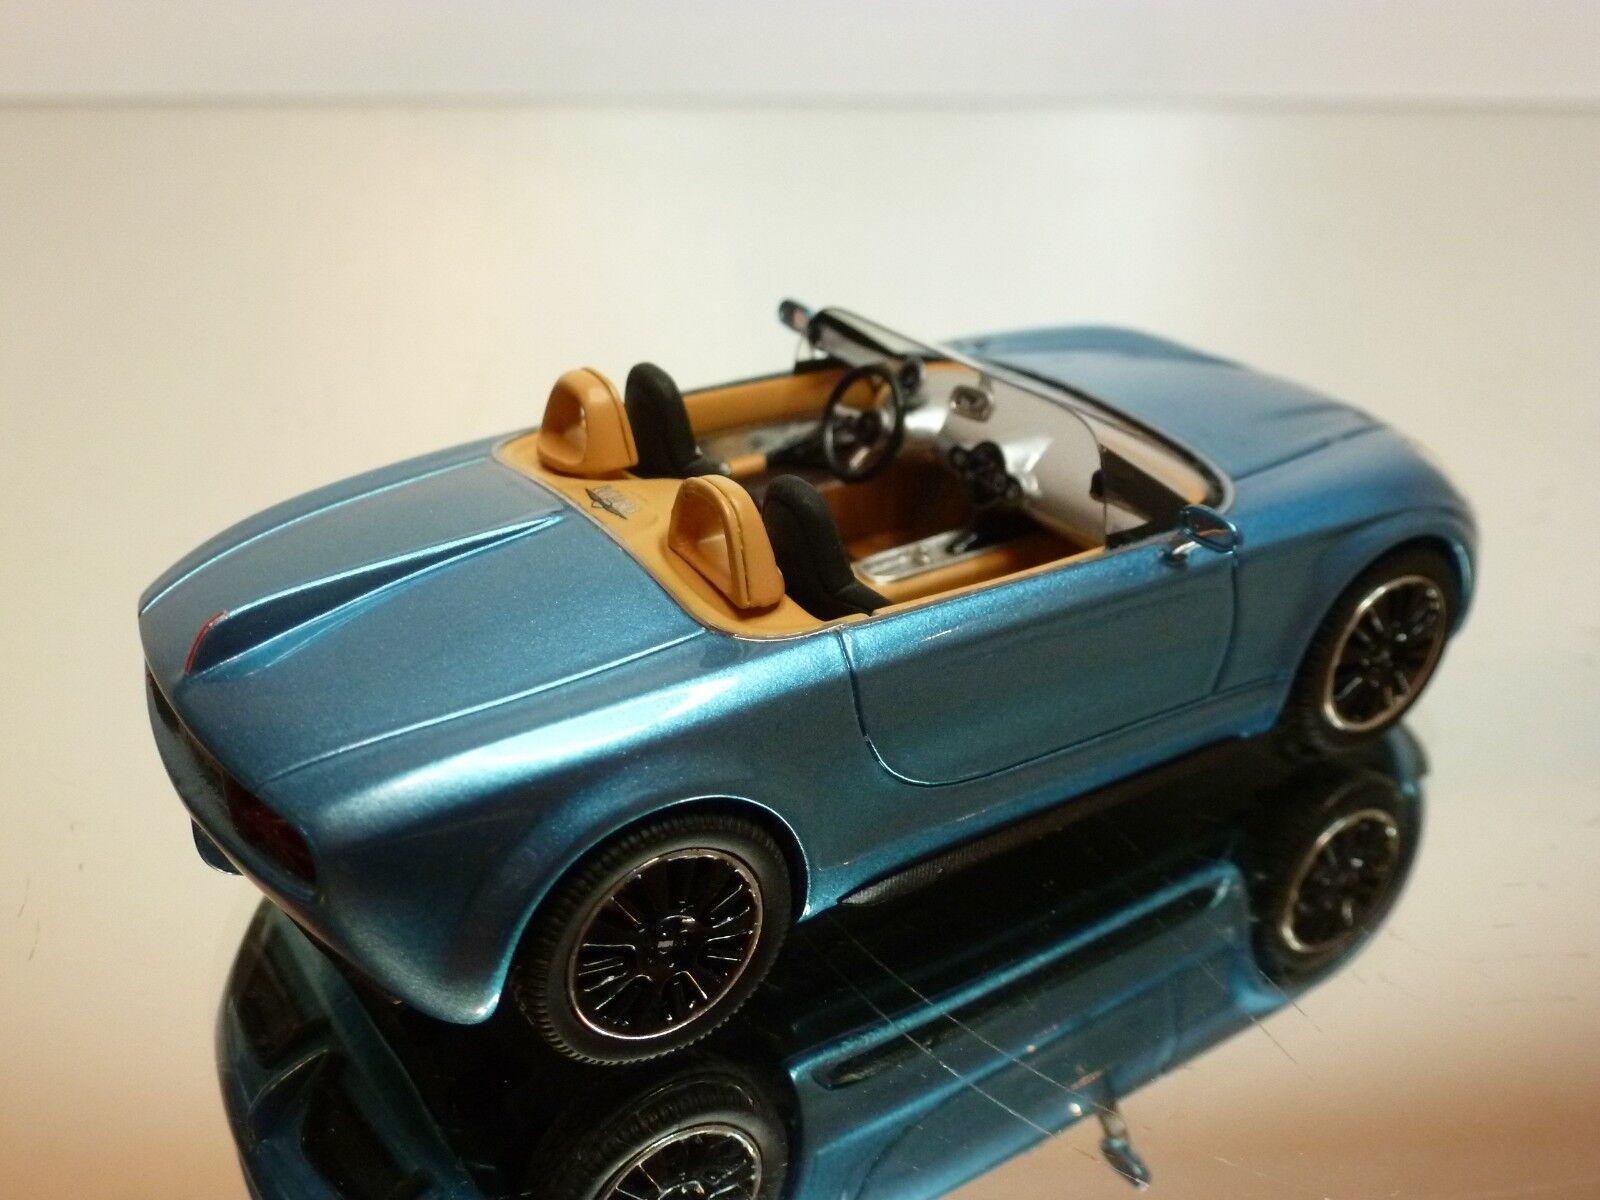 Premium - x superleggera - mini - superleggera x konzept 2014 - blau metallic 1 43 - vorz  glich - 21   39 0b56a4